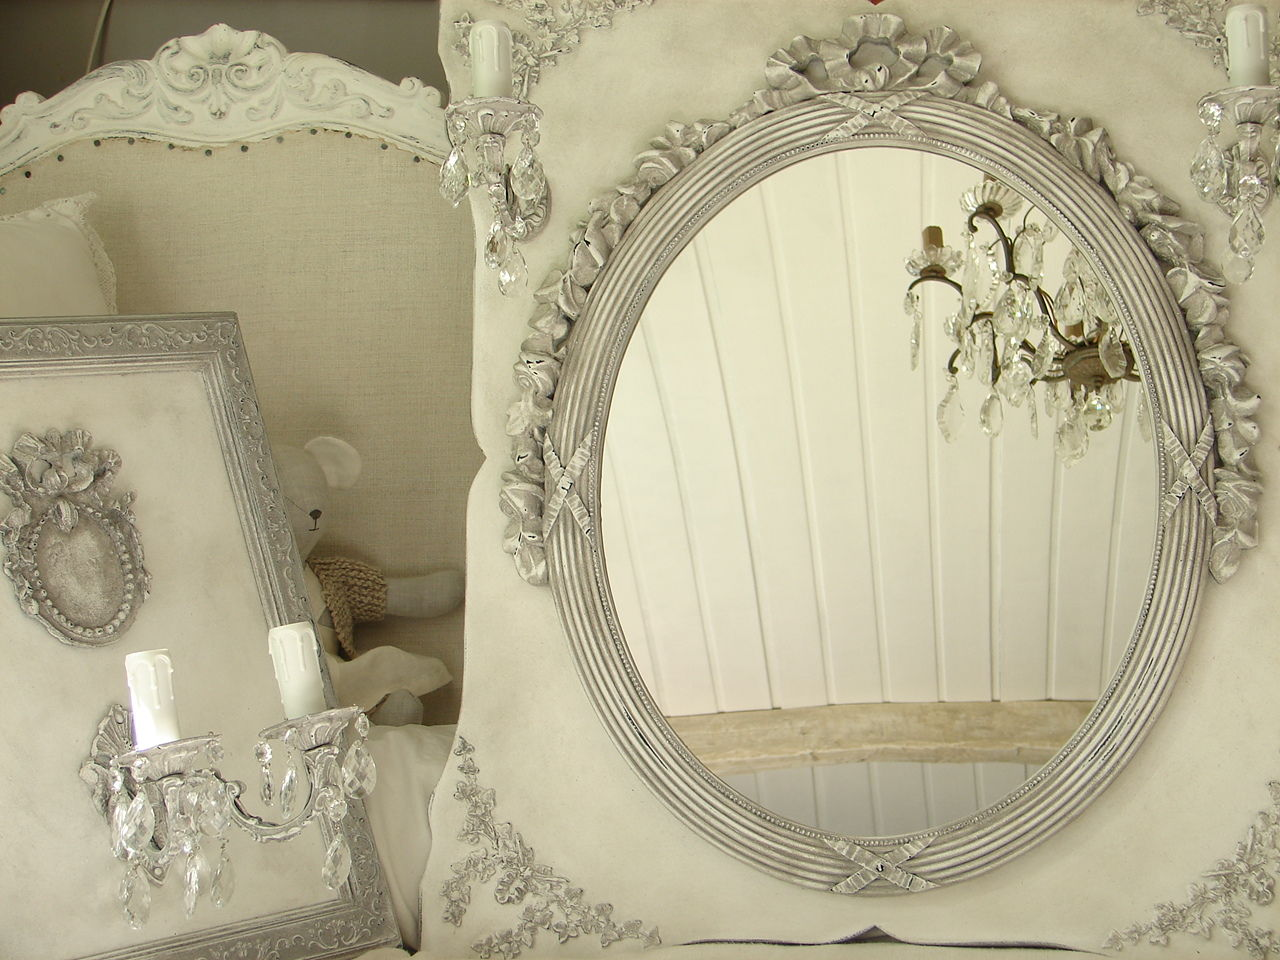 Miroir patin tous les messages sur miroir patin le for Customiser un miroir ancien